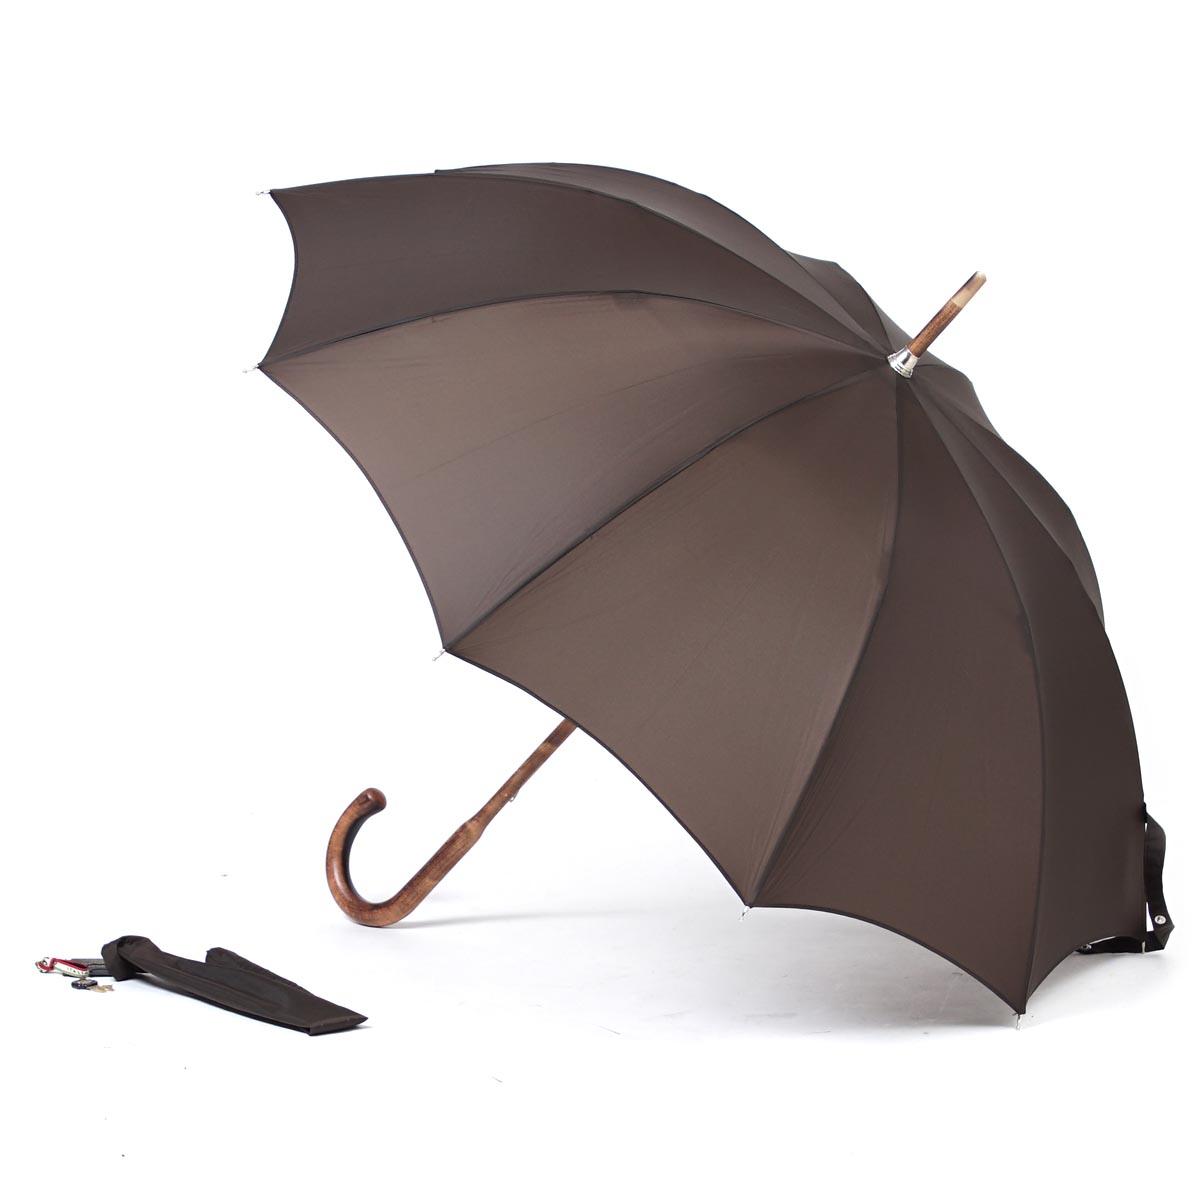 orobianko Orobianco伞(60cm)PATT V01棕色派patt v01人